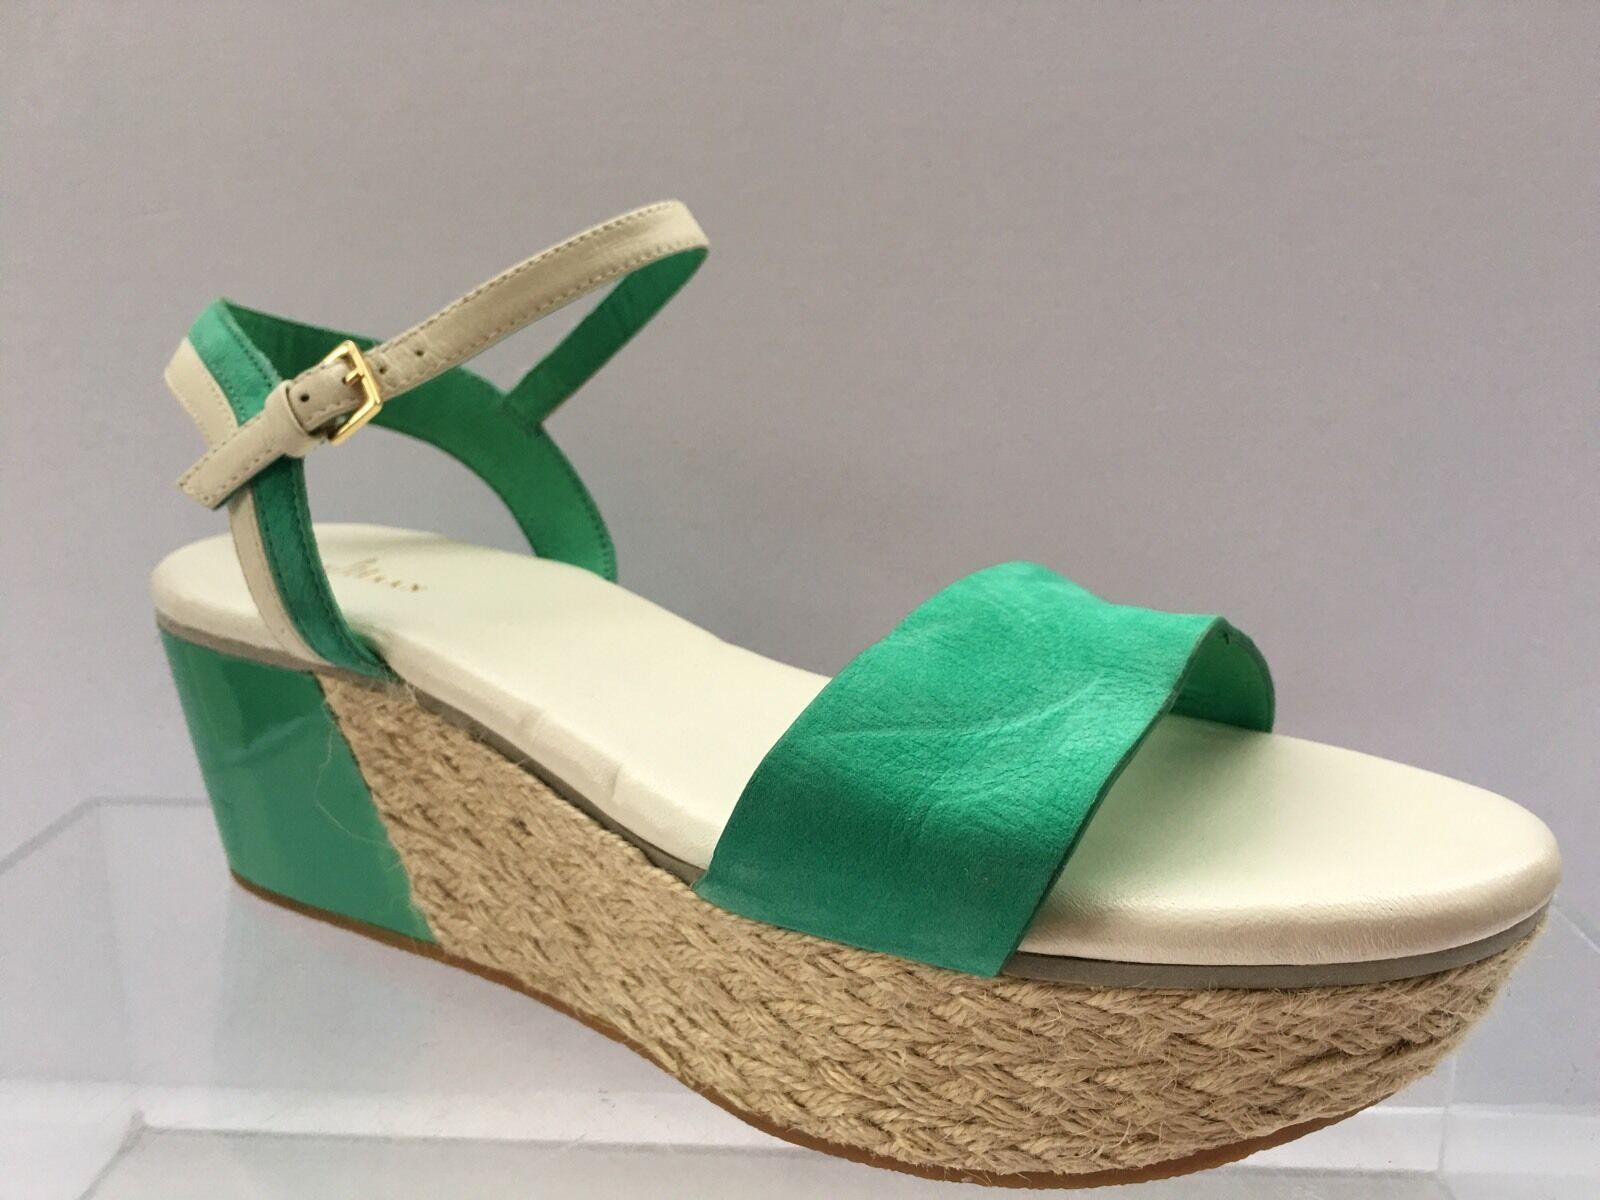 Para mujer Cole Haan verde Thumb Nubuck Arden SANDALIA de Cuña Tamaño 9.5 B precio minorista sugerido por el fabricante  198